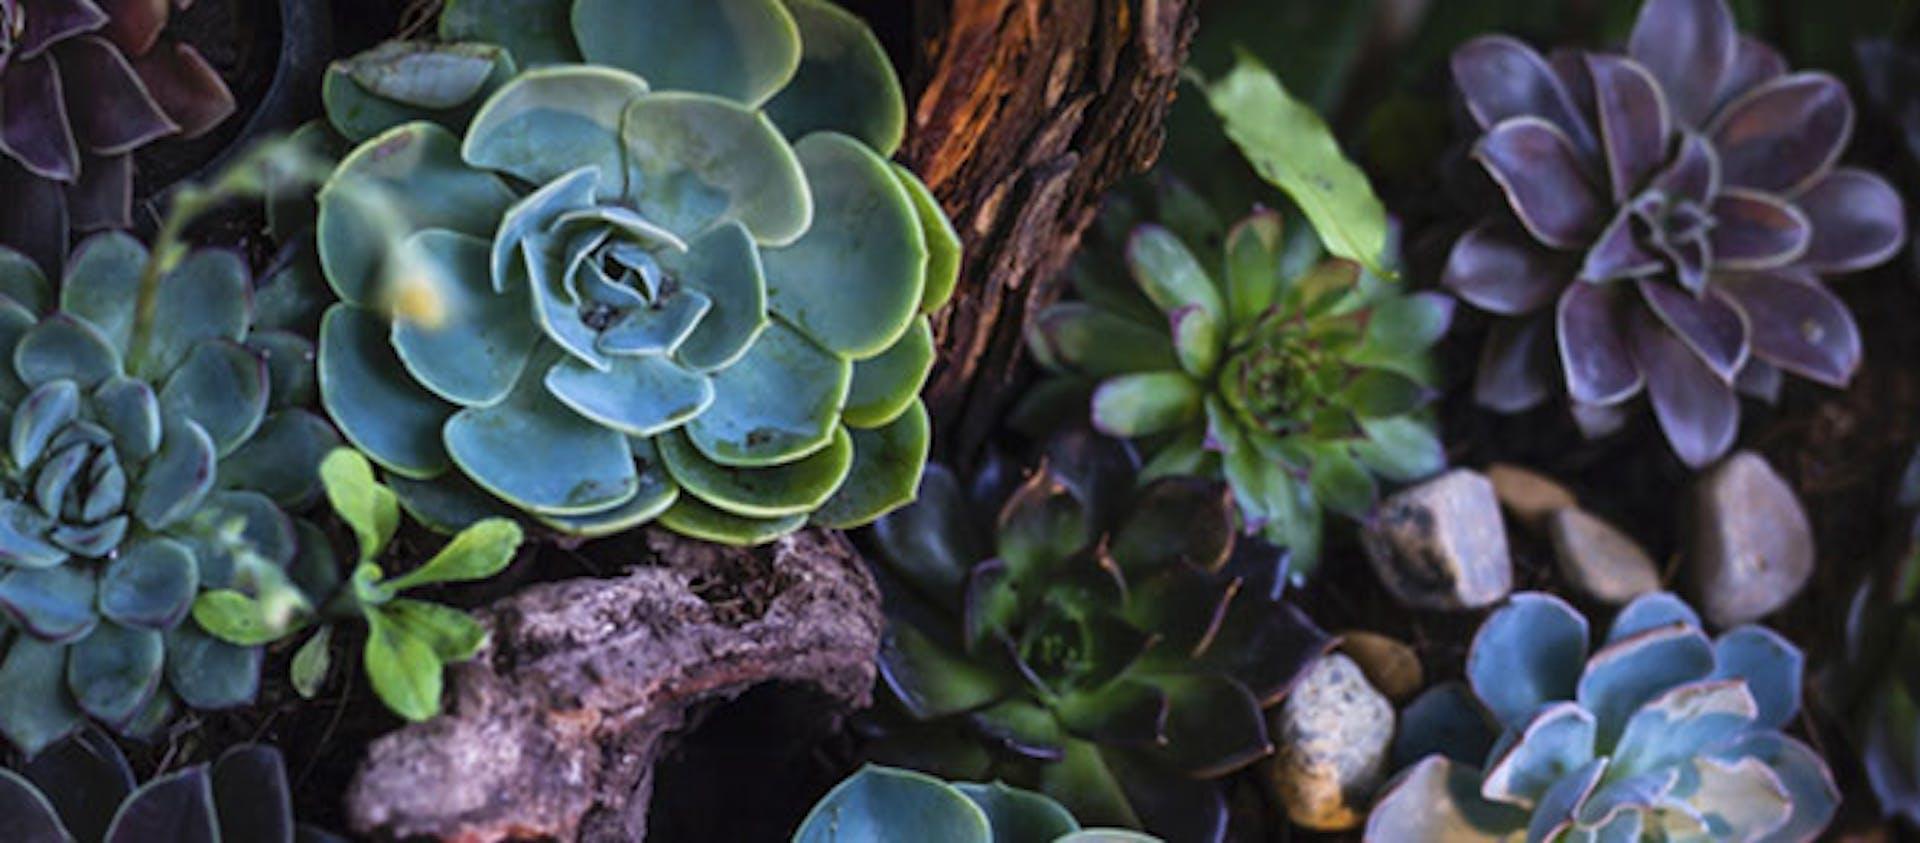 ¿Cómo tener un jardín bonito? Tips para el cuidado y mantenimiento de jardines